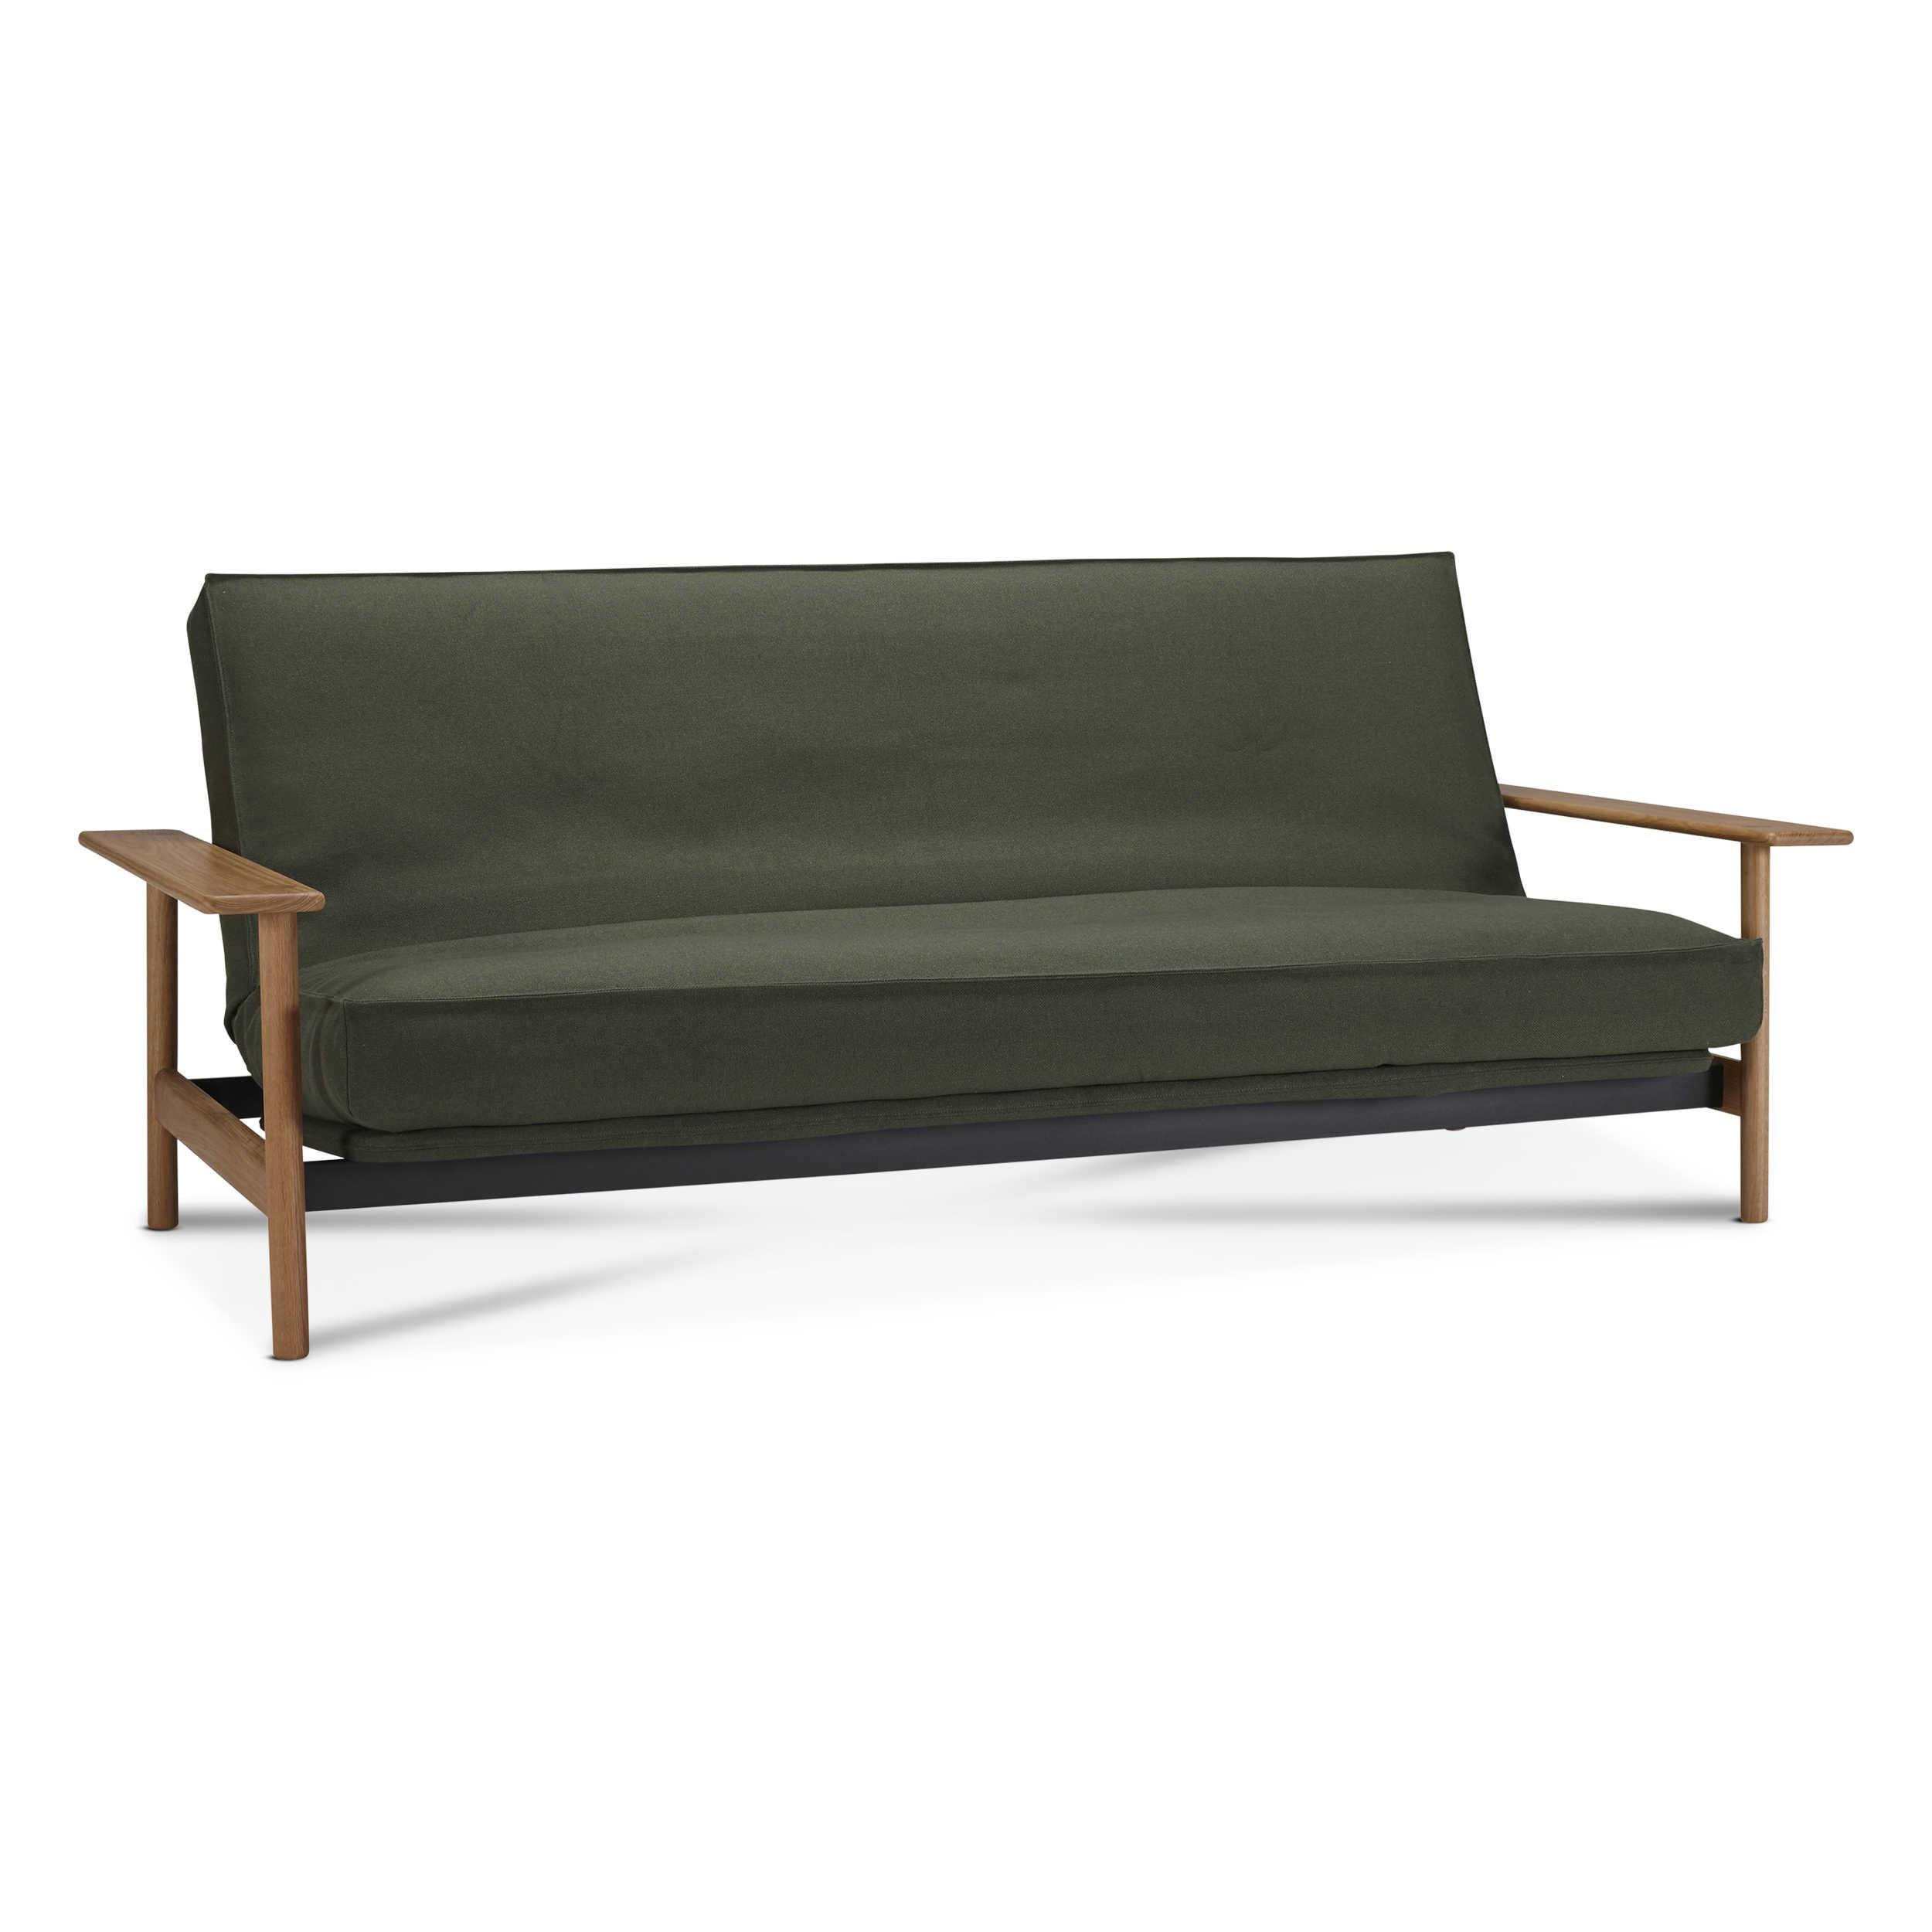 innovation schlafsofa balder gr n stoff online kaufen bei woonio. Black Bedroom Furniture Sets. Home Design Ideas